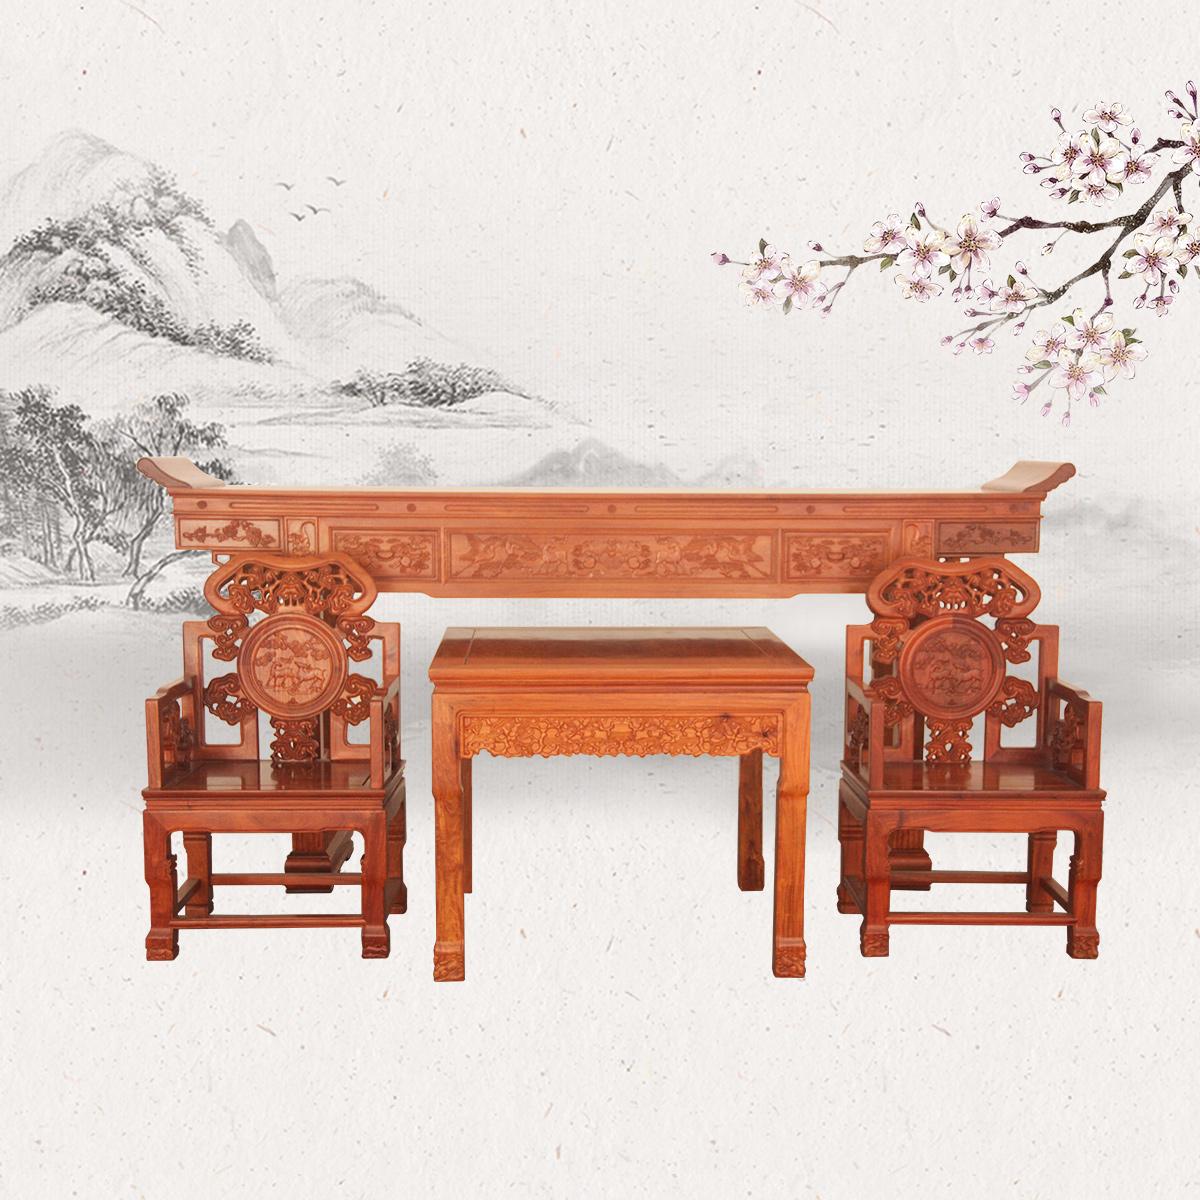 清式供桌+拉环八仙桌+灵芝太师椅